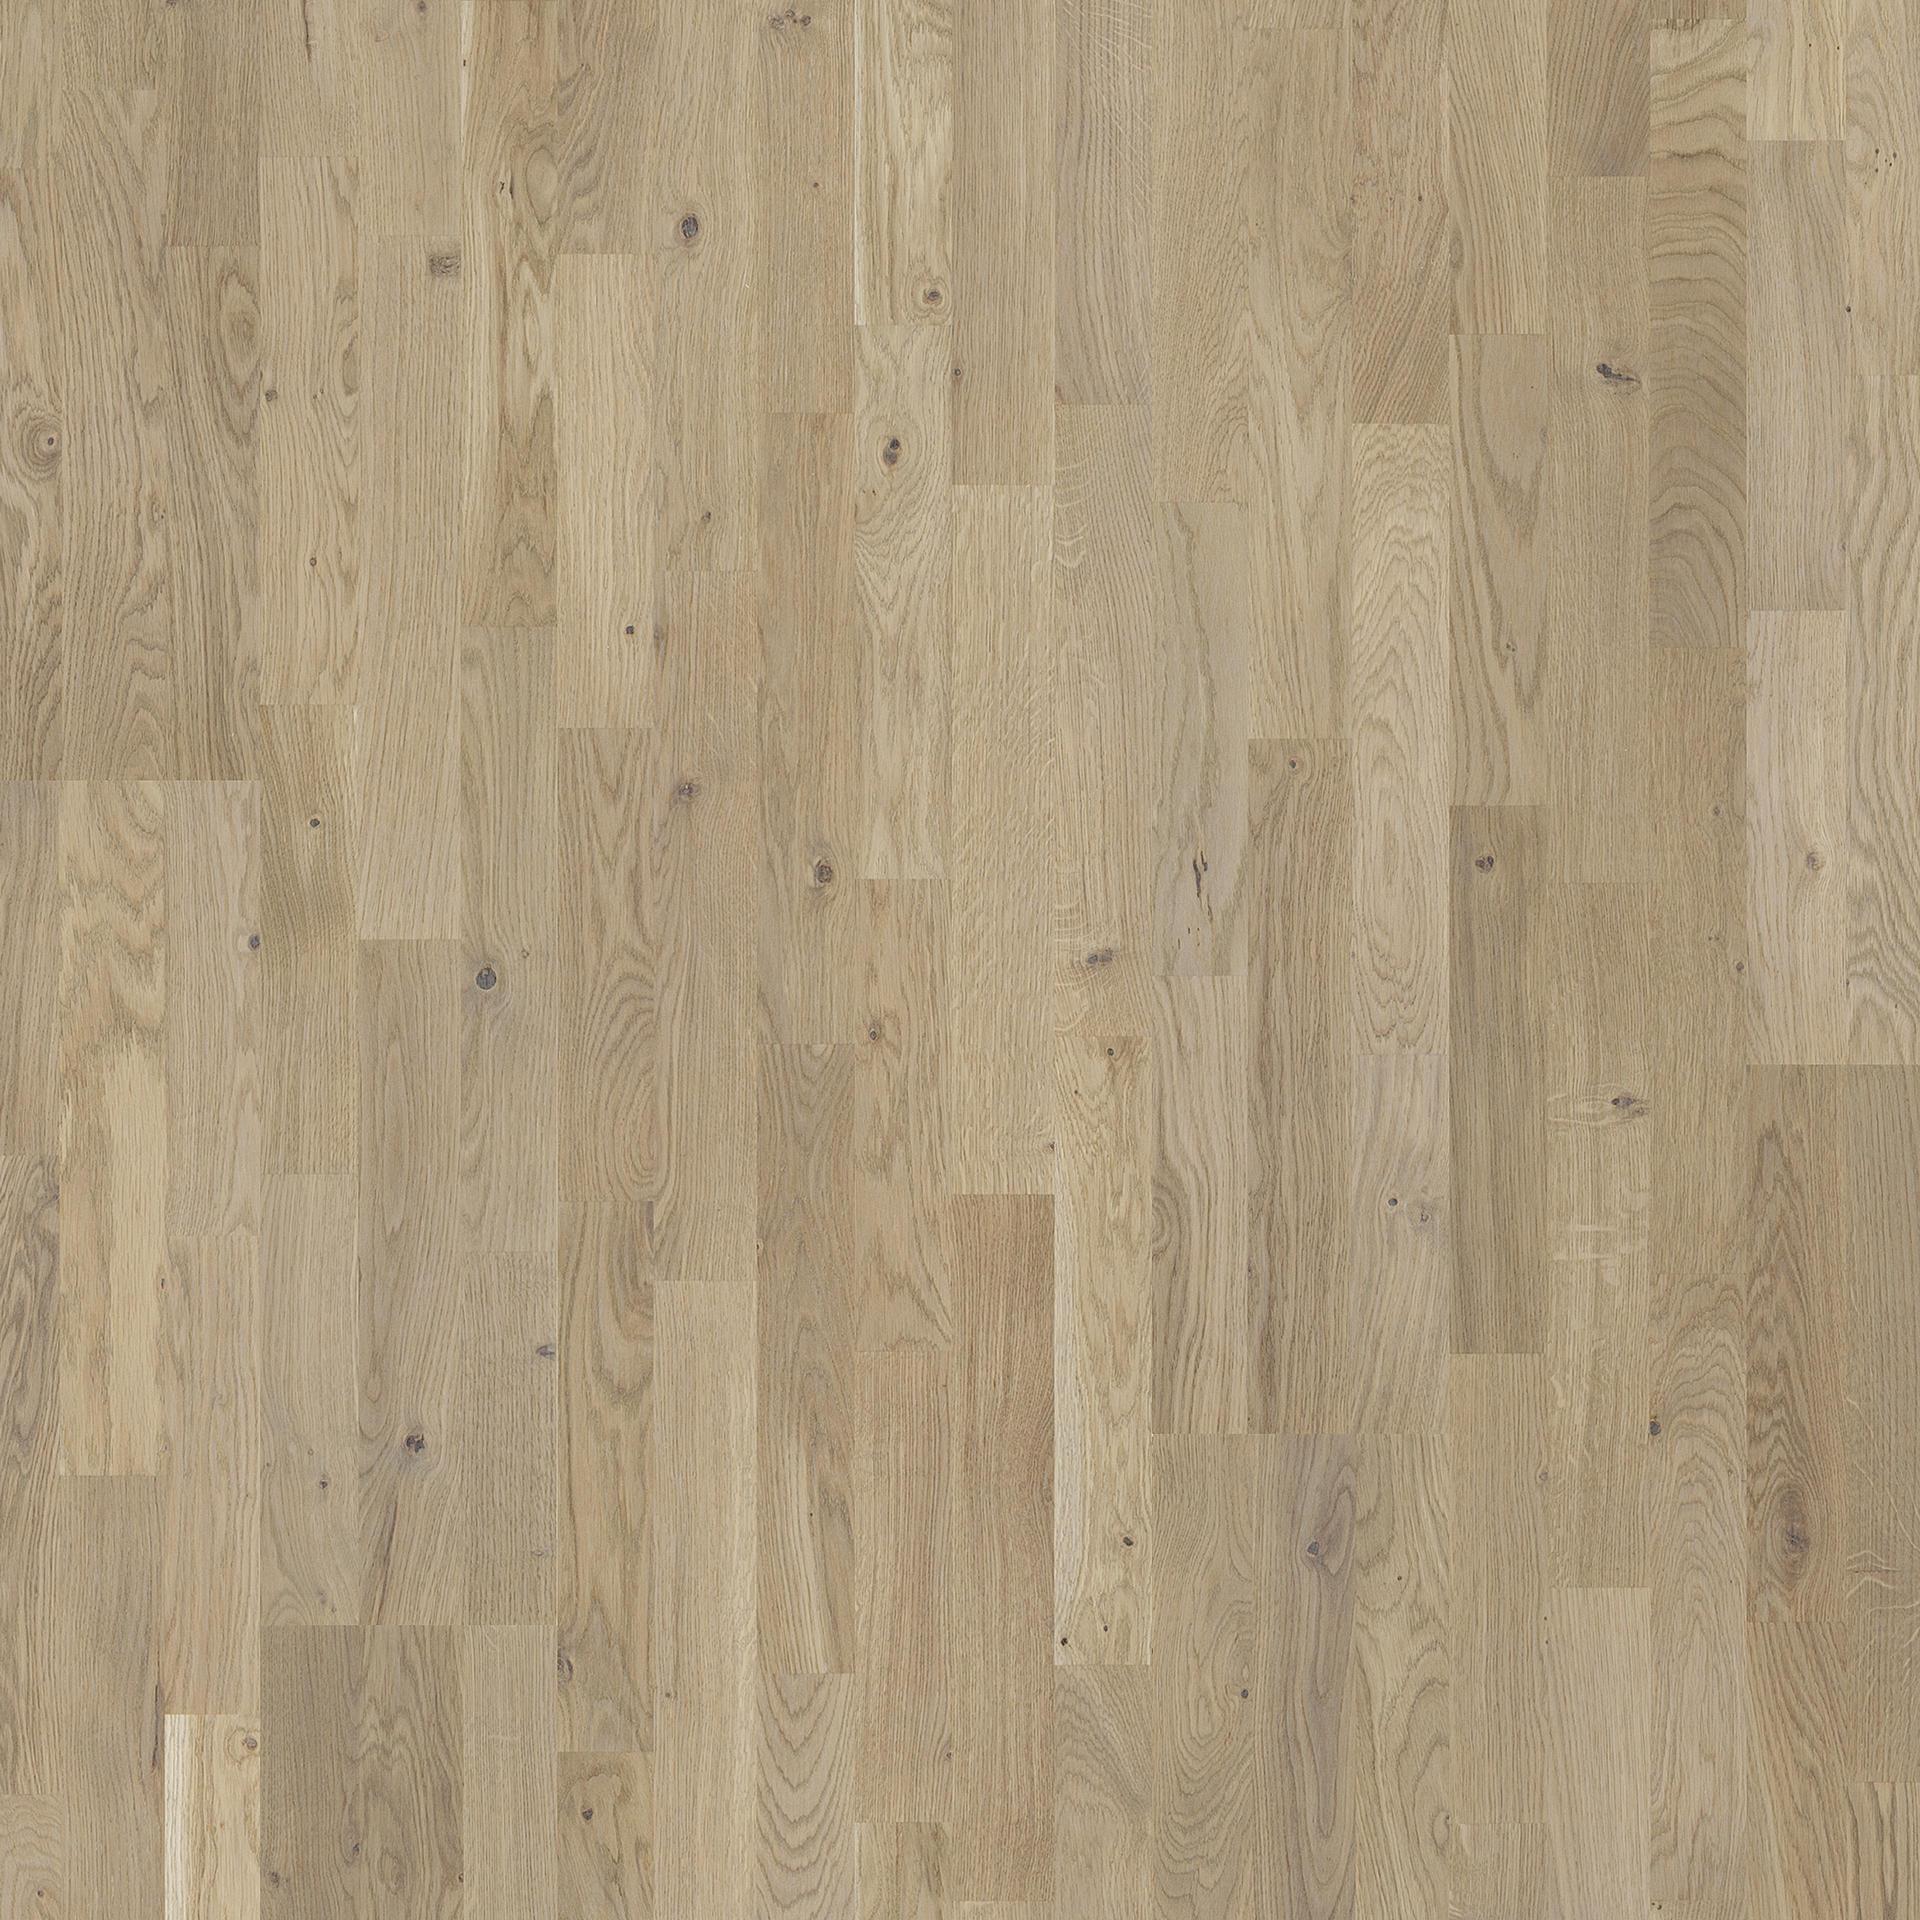 Trägolv Tarkett Shade Oak Soft Beige Tres 3-Stav